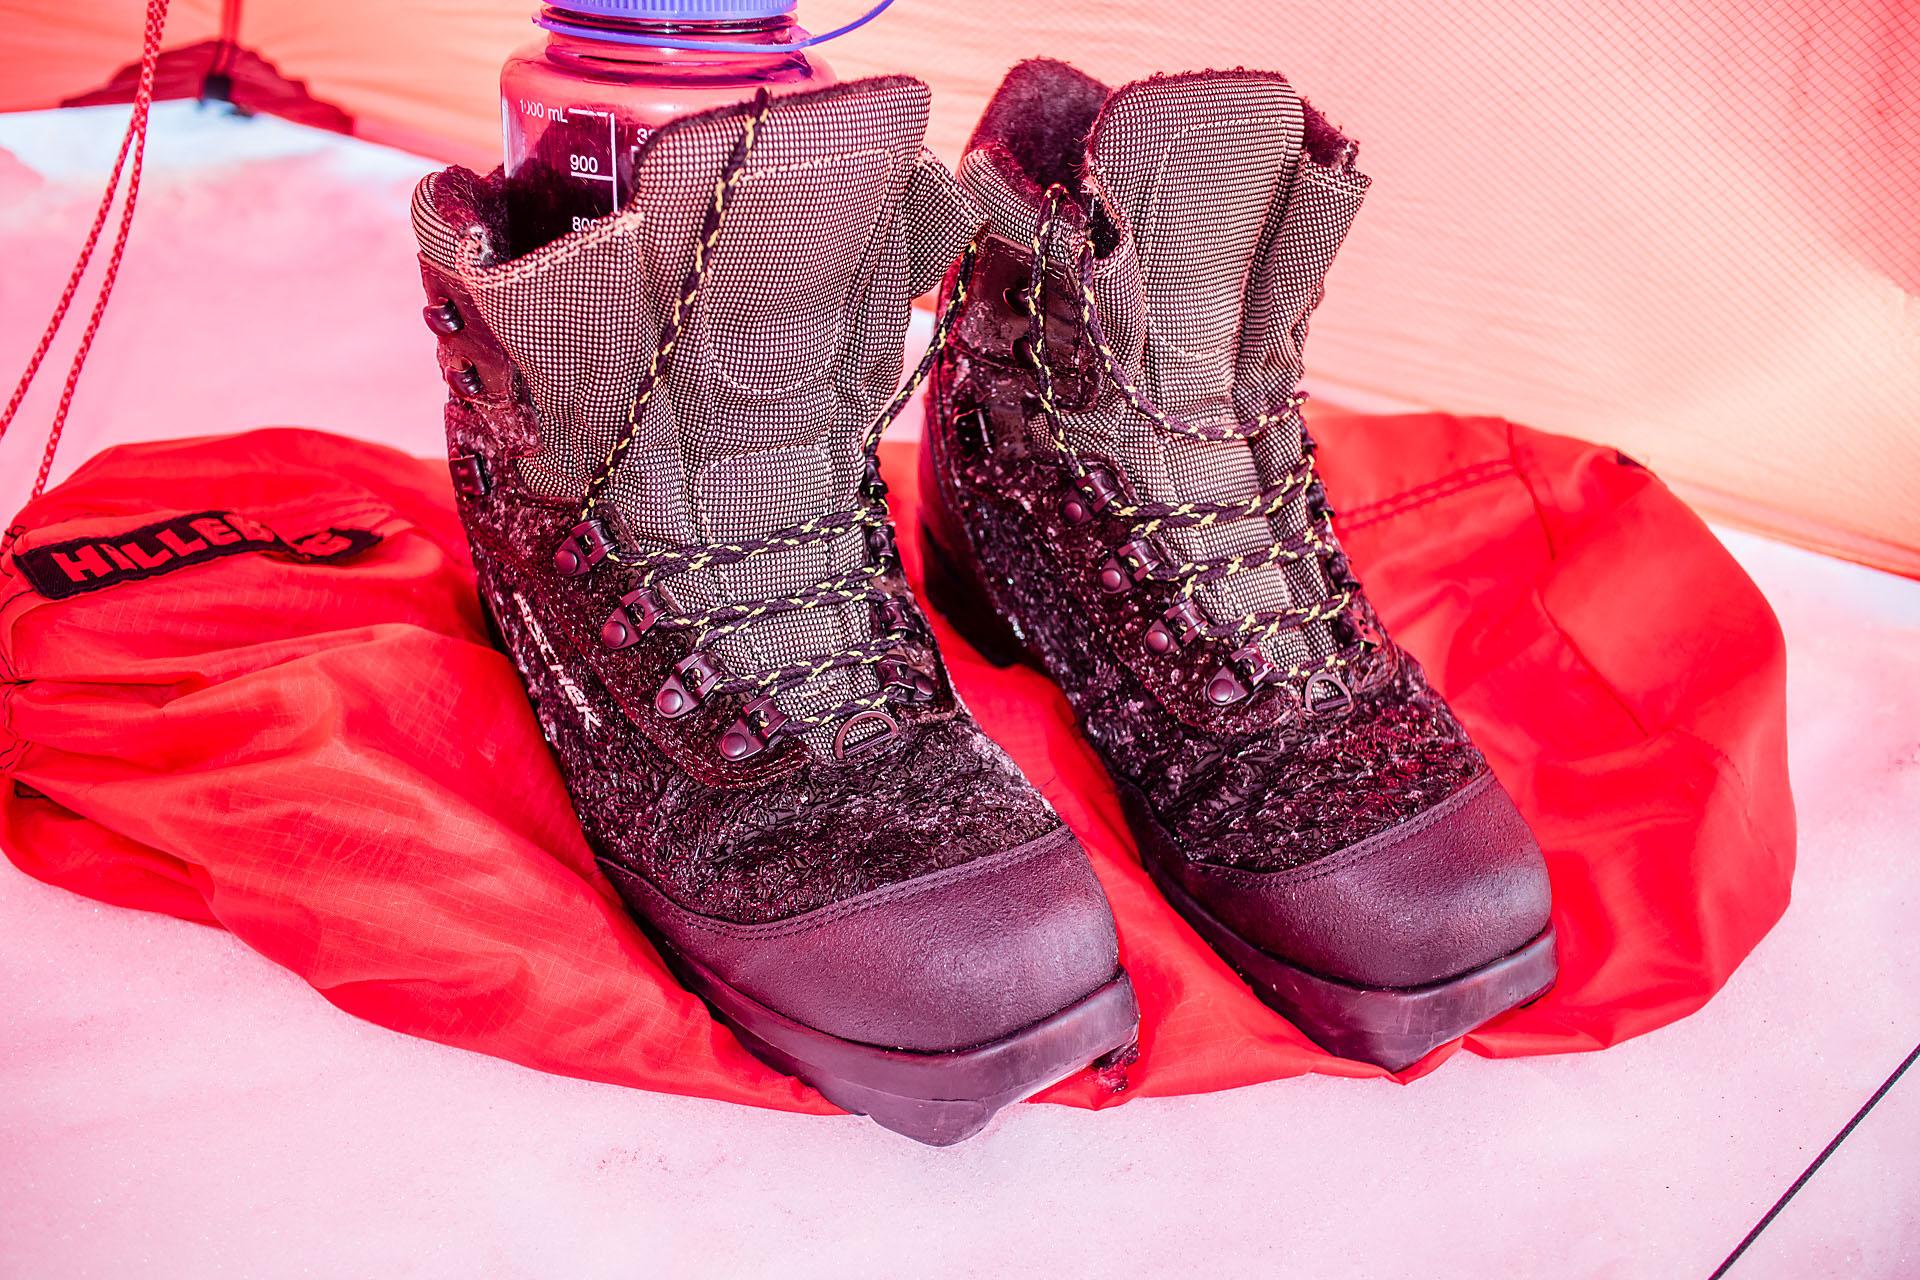 3a7fccf4337 Å legge en flaske med varmt vann ned i skoene en stund før de skal brukes er  et godt triks på vintertur. Her er det imidlertid viktig å være sikker på  at ...